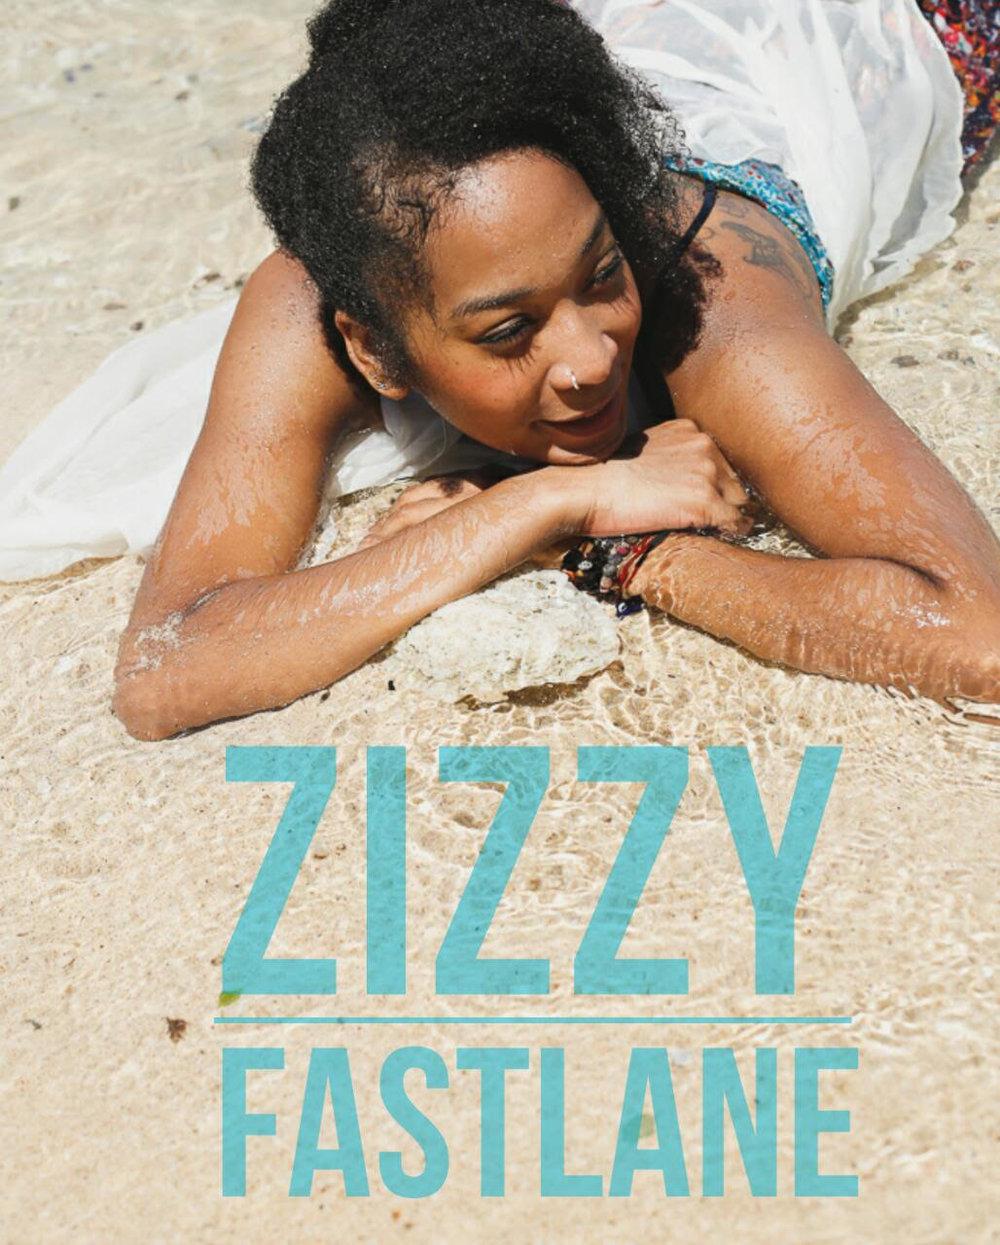 zizzy-fast-lane.jpg